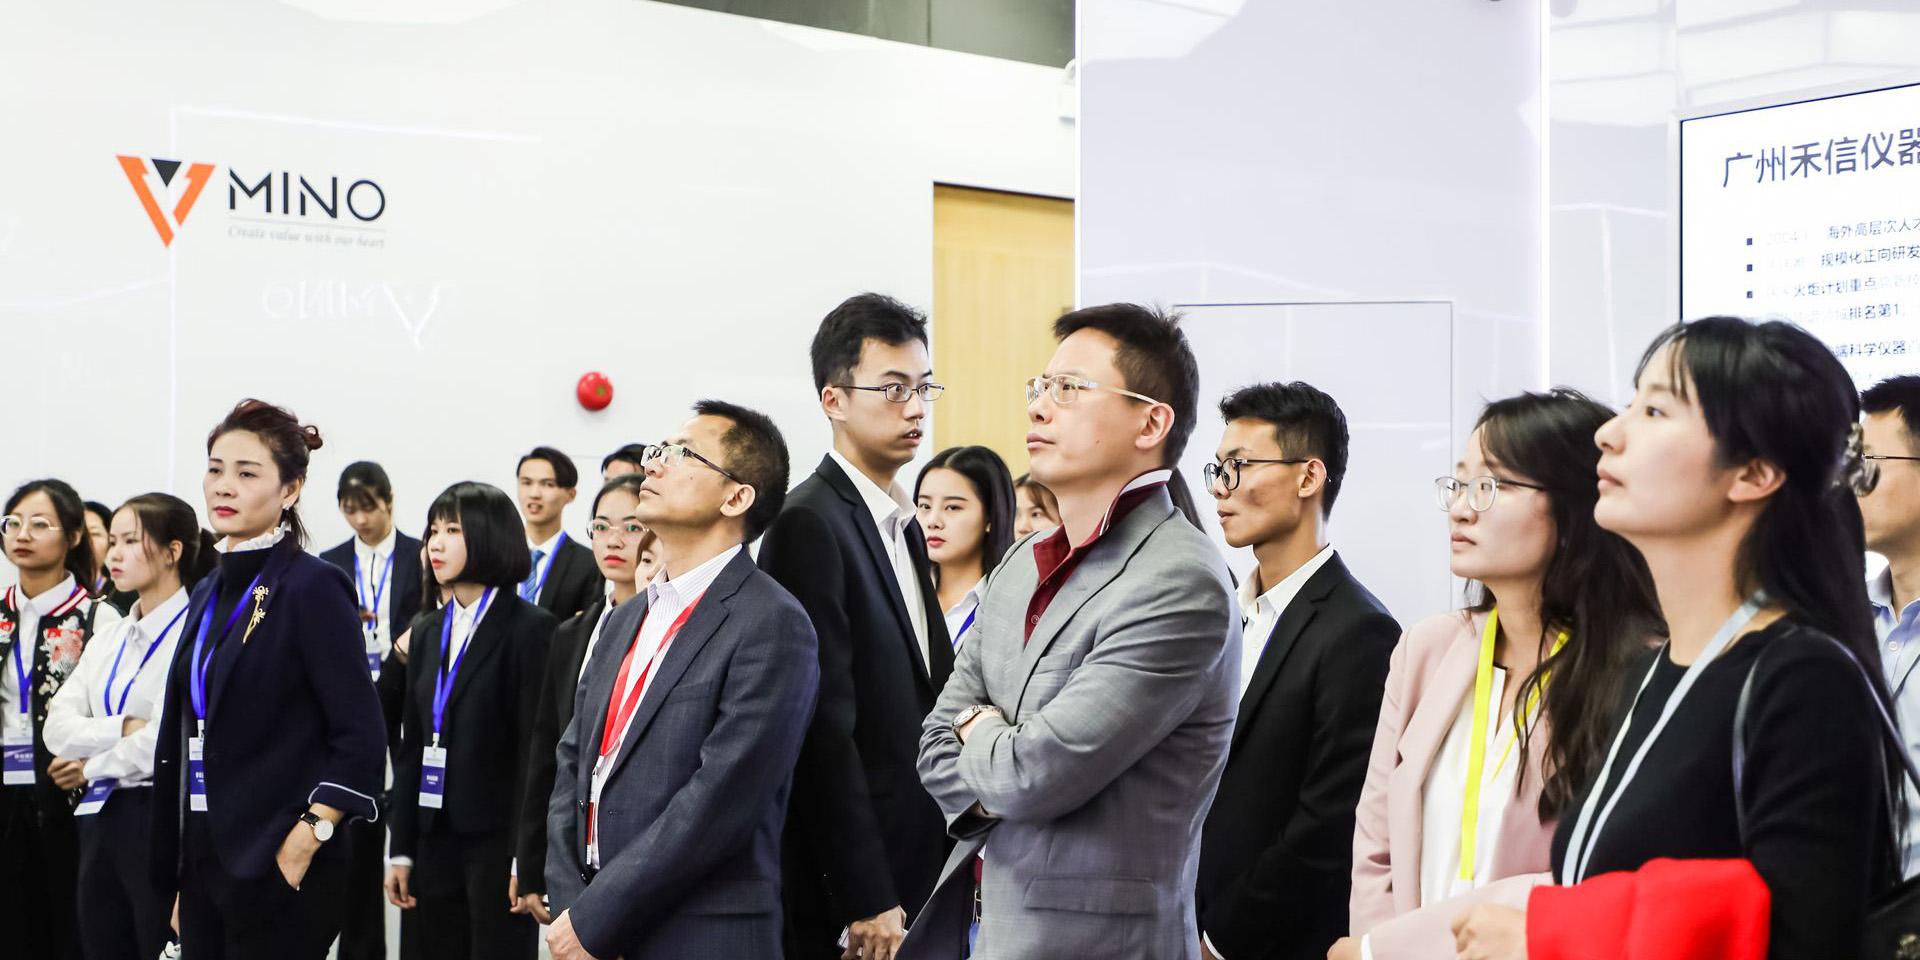 聚焦黄埔论坛:建言粤港澳大湾区创新发展之路